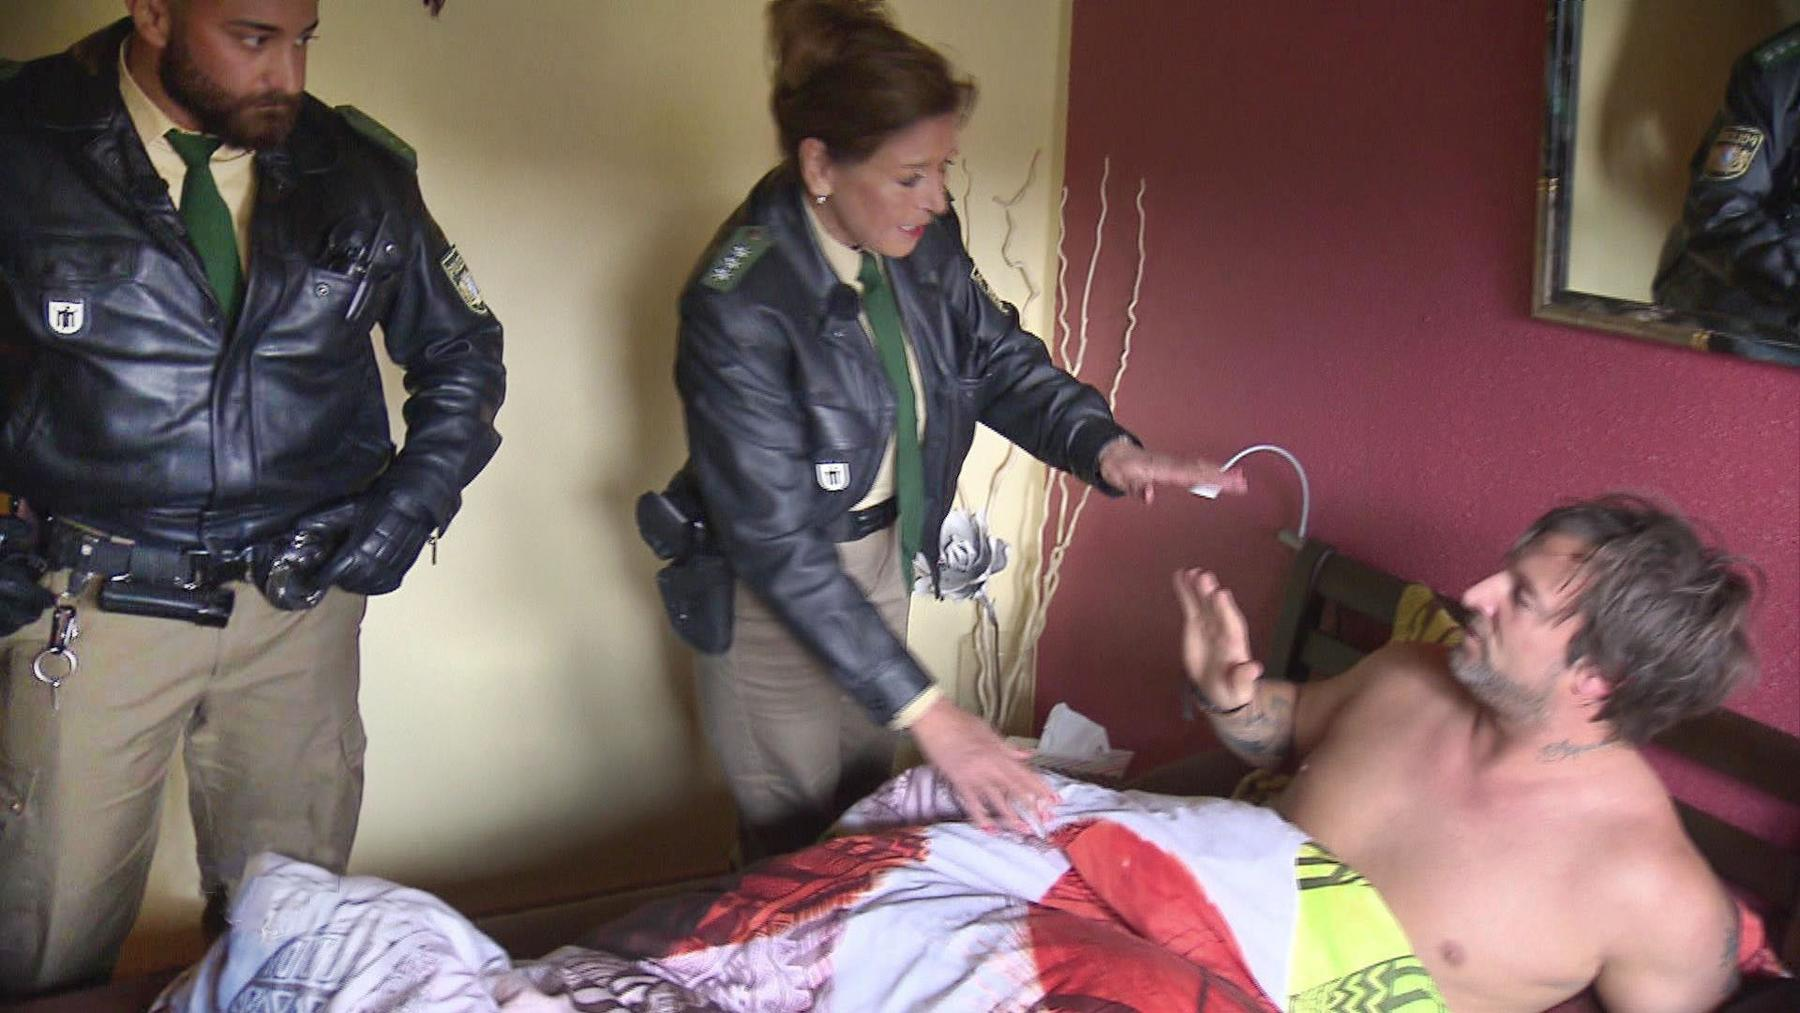 Frau wacht nackt neben fremden Mann auf   Obdachloser klaut Wurst   Folge 11